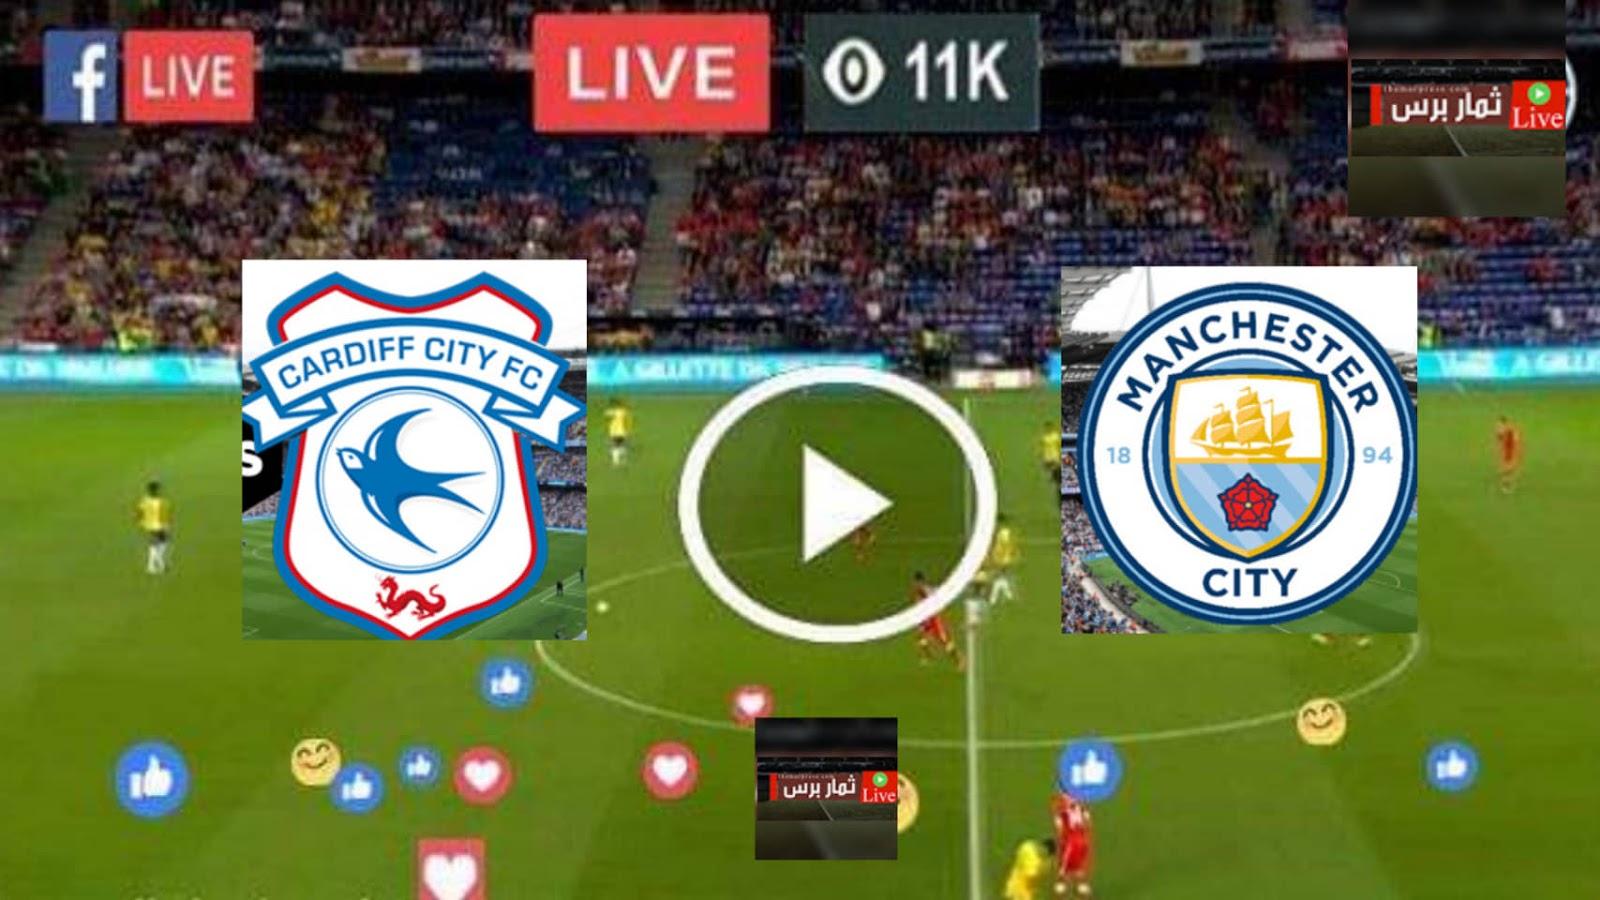 مشاهدة مباراة مانشستر سيتي وكارديف سيتي بث مباشر بتاريخ 03-04-2019 الدوري الانجليزي